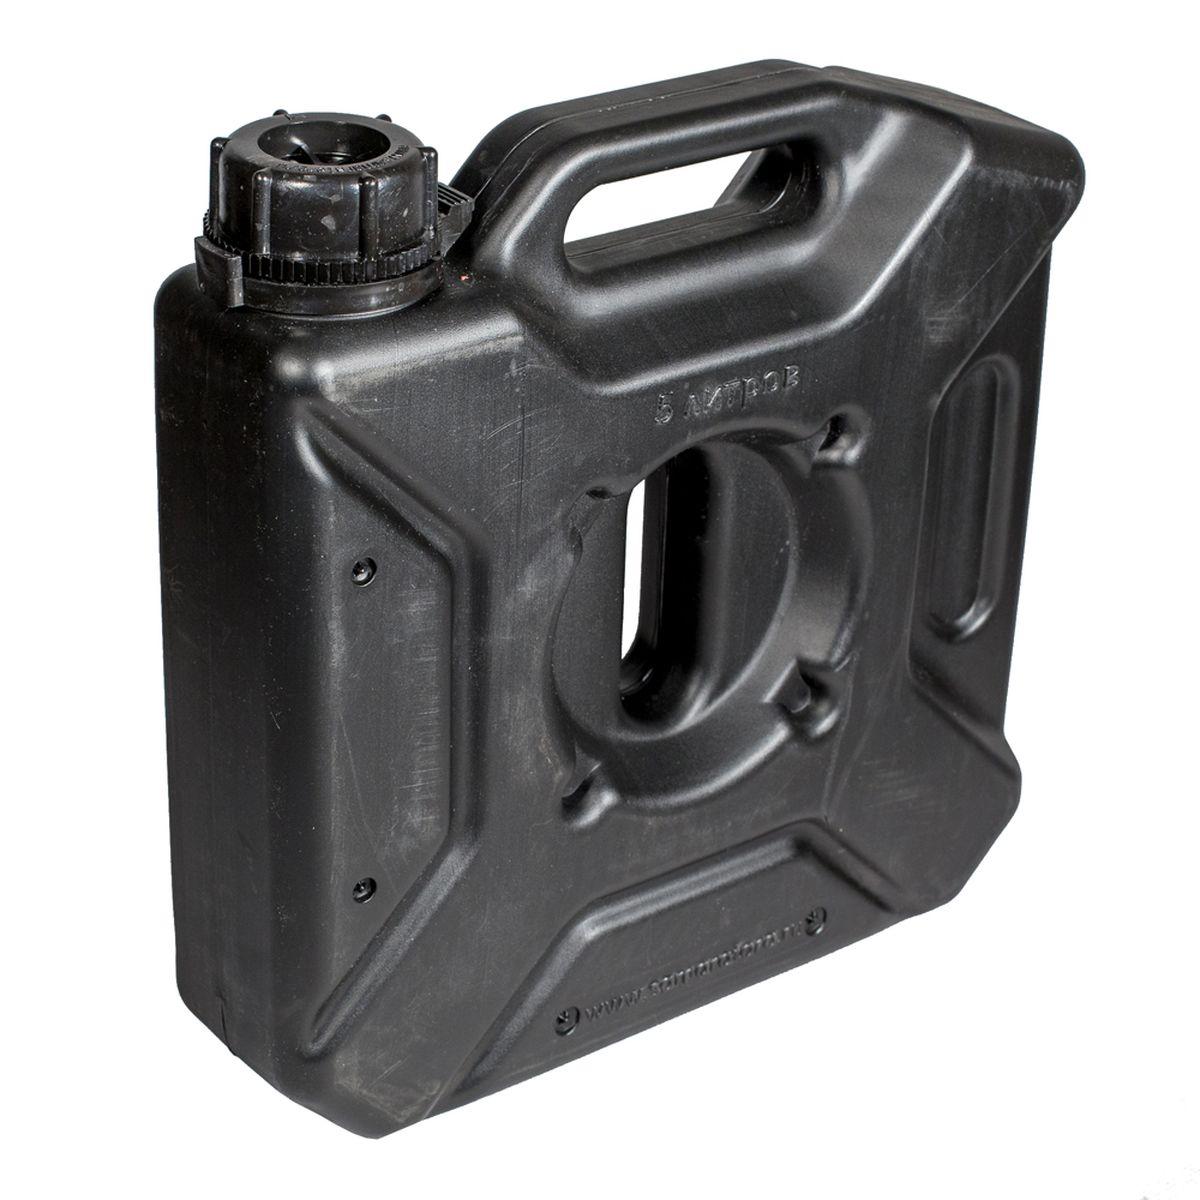 Канистра автомобильная Экстрим Плюс, цвет: черный, 5 л канистра пластиковая phantom для гсм 5 л